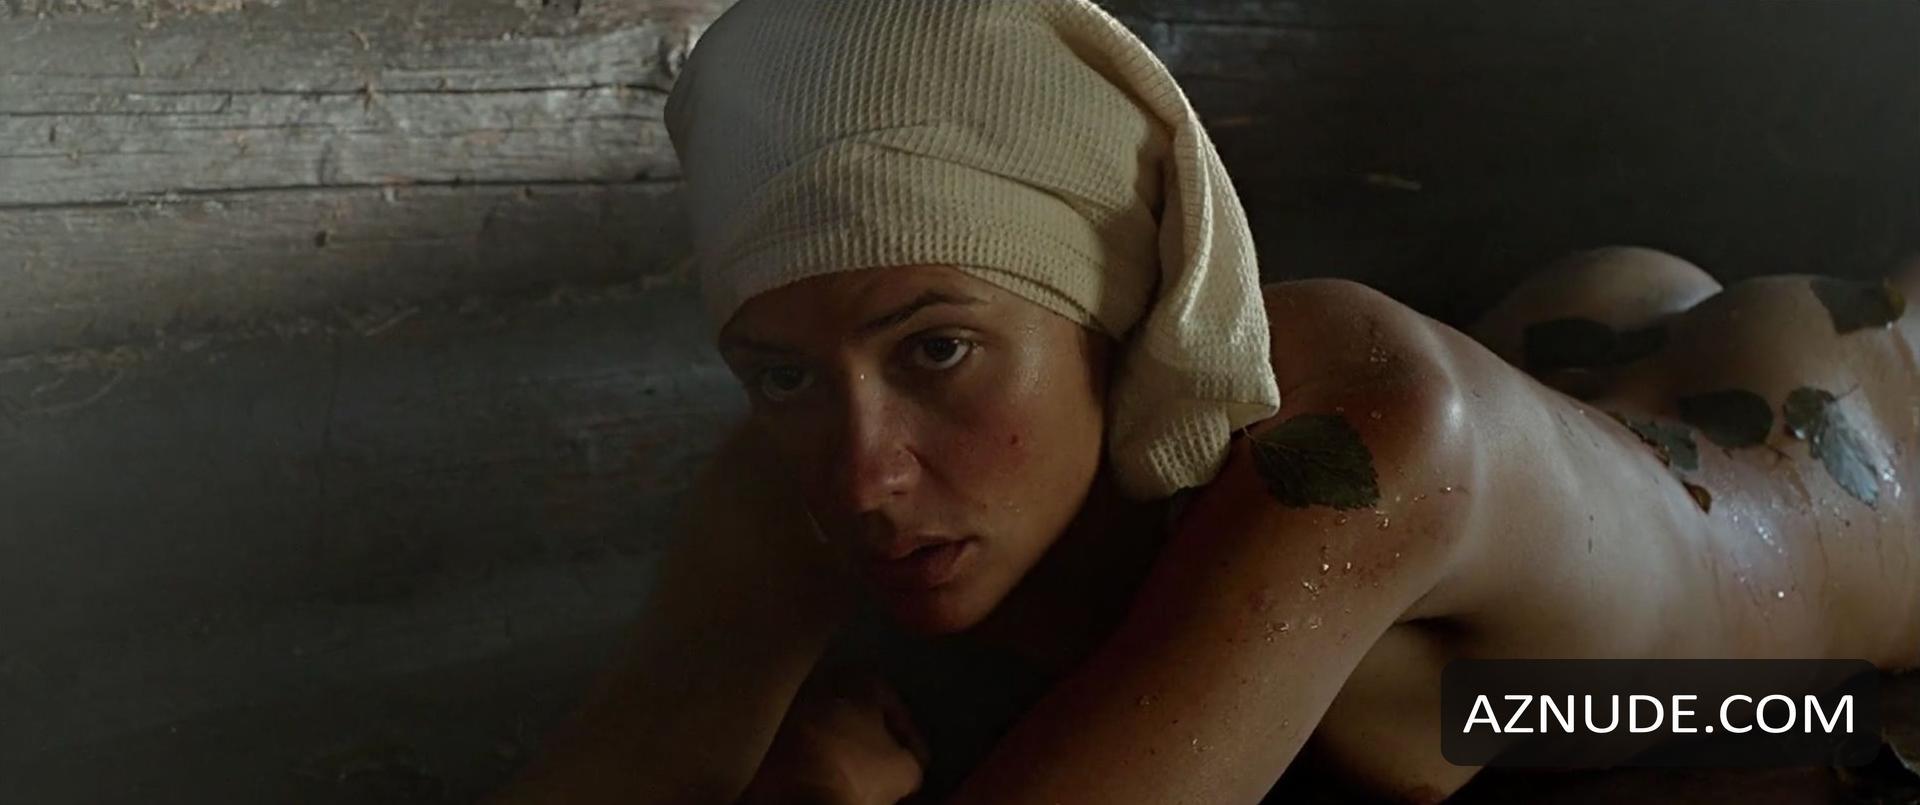 Fuck Anastasiya Mikulchina nude photos 2019